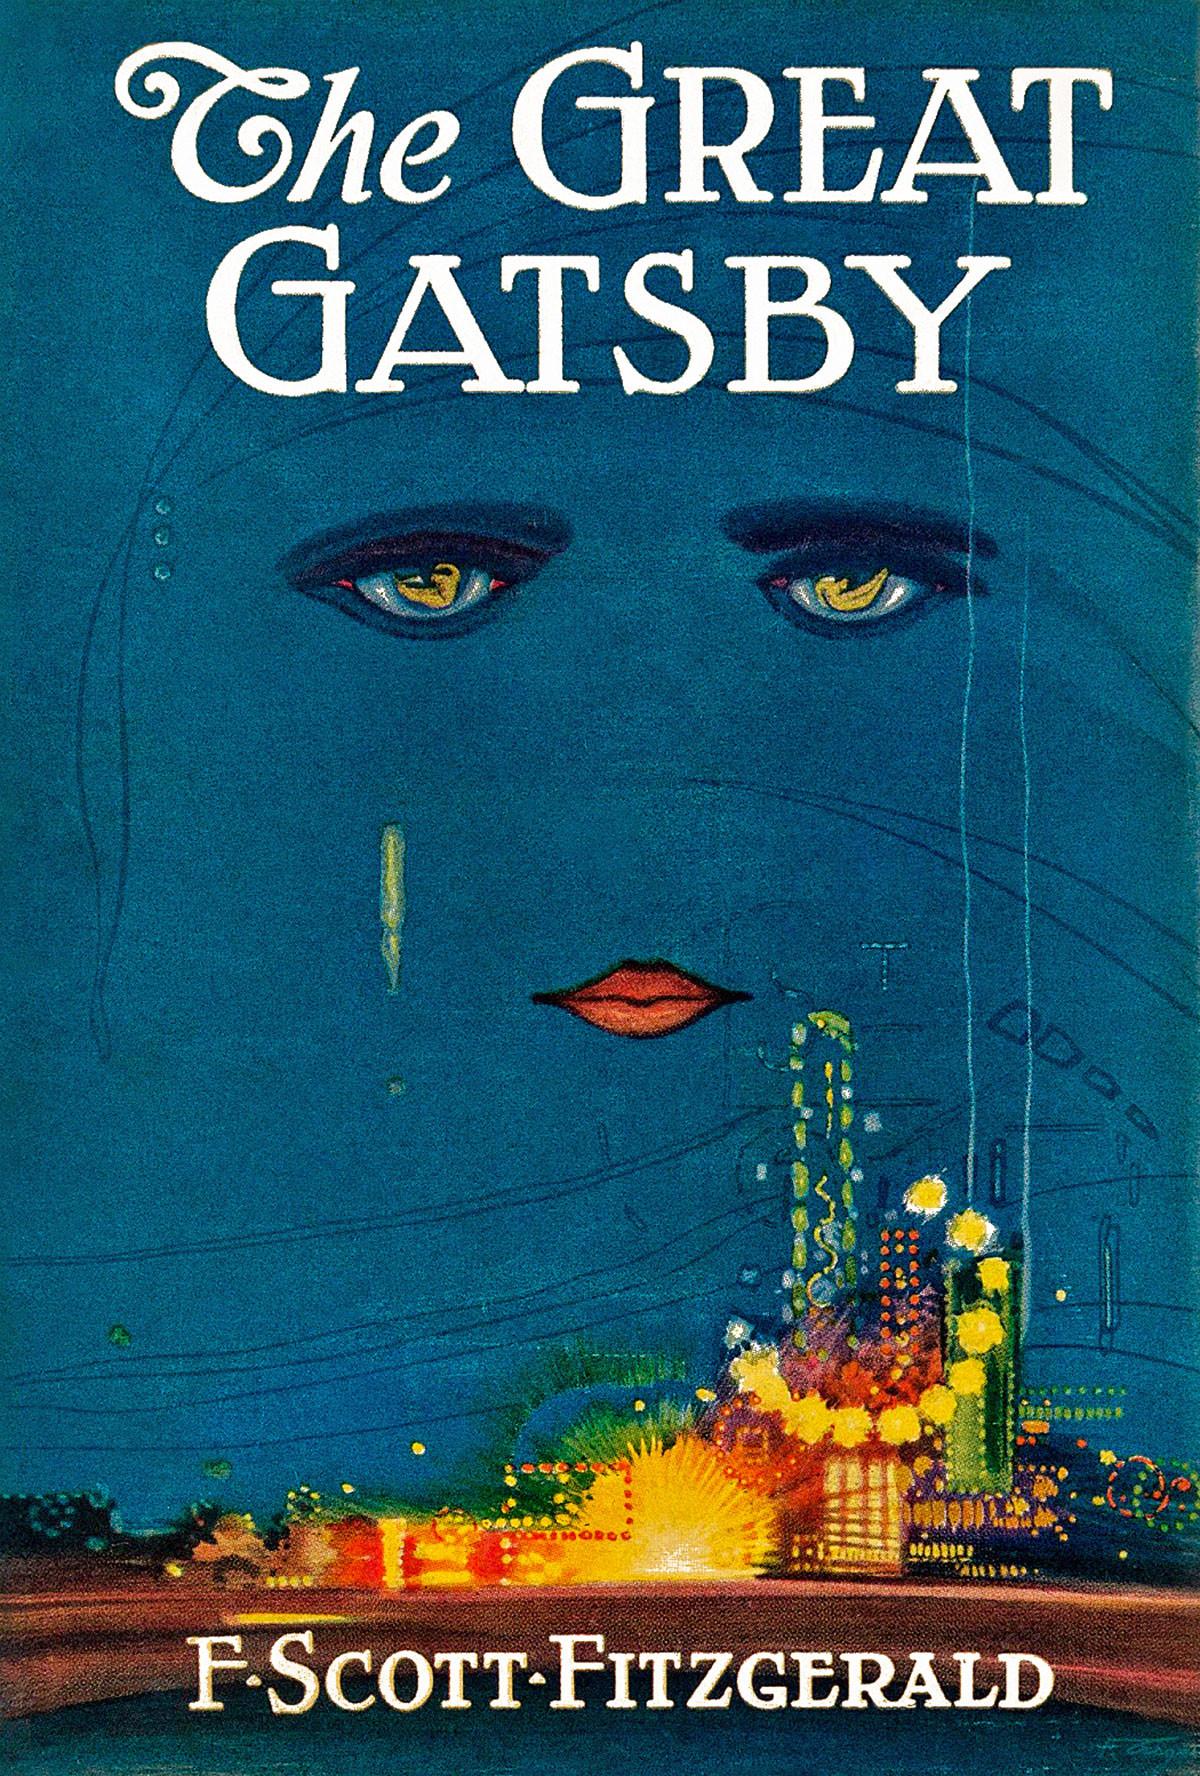 F. S. Fitzgerald műve 1925-ben jelent meg